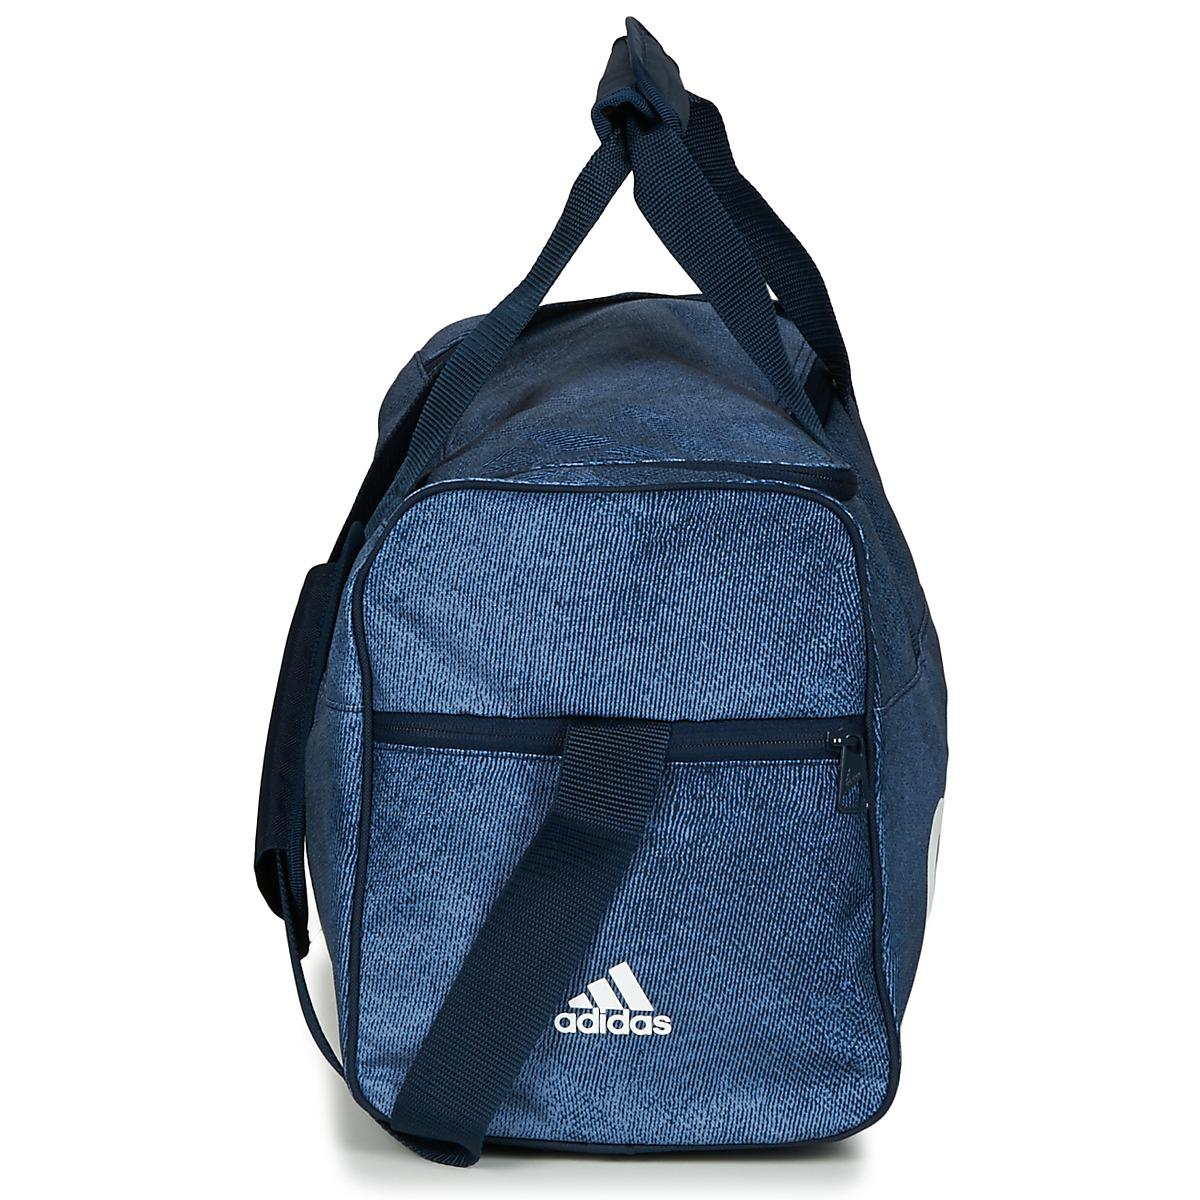 Adidas Per De En Bleu For S Blue Lyst Lin Tb Sac Sport Men Femmes qzUVpSMG